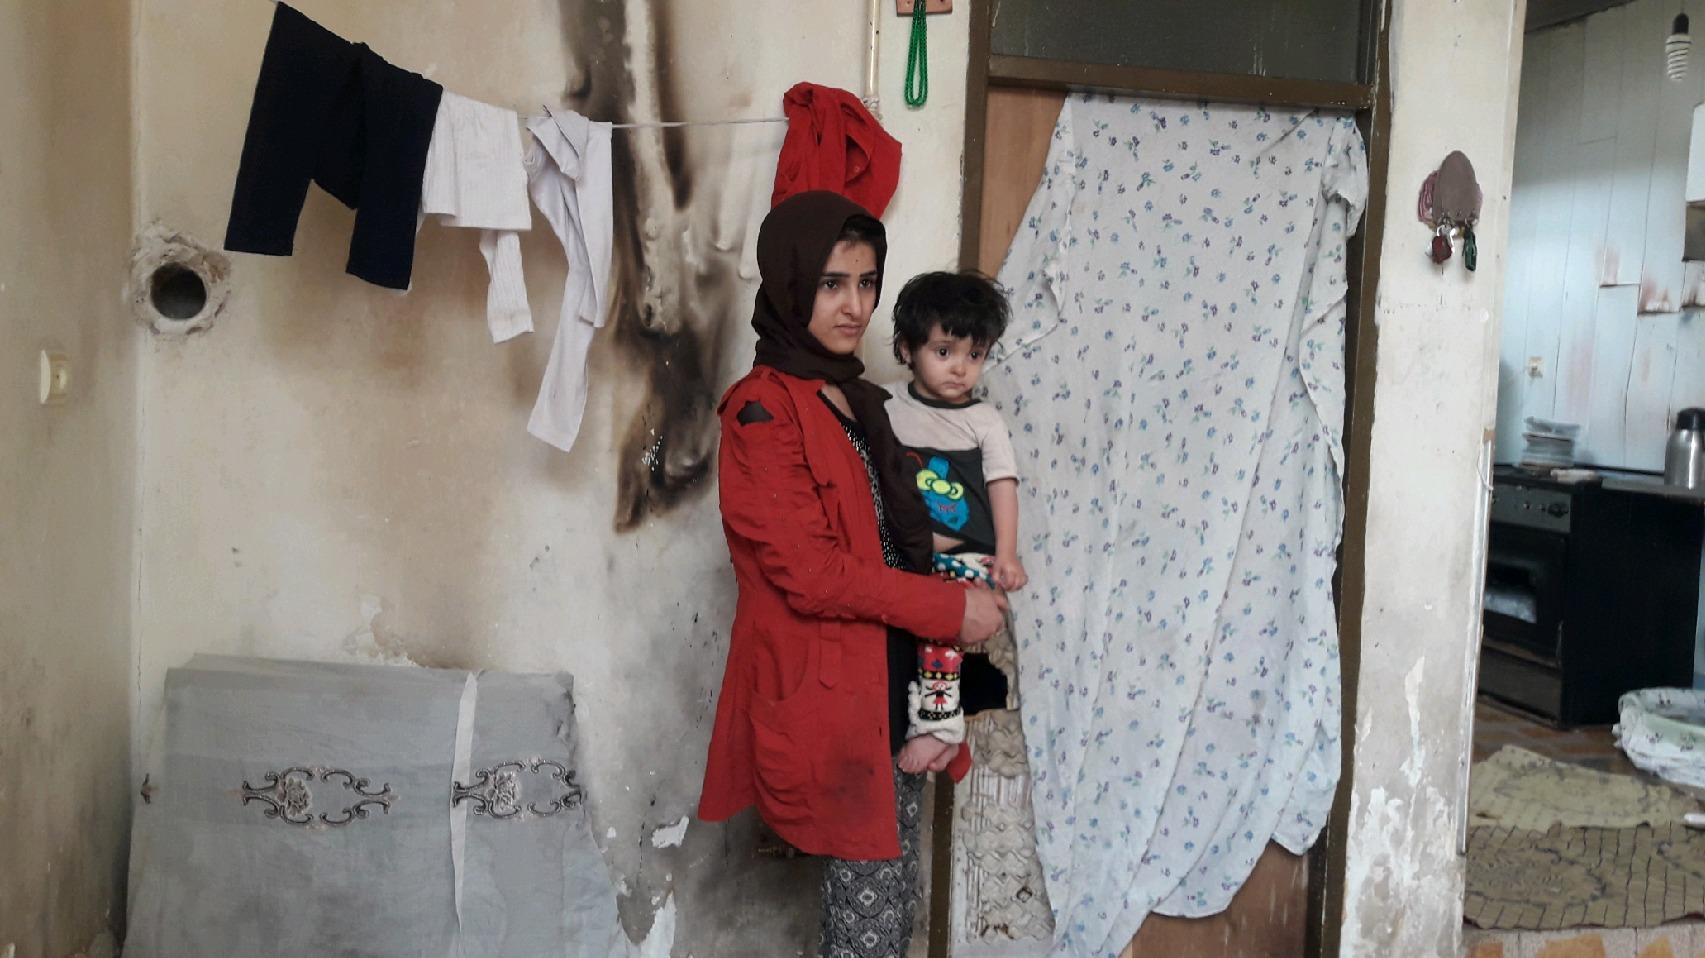 14000206000211 Test NewPhotoFree - روایتی تلخ از بچههایی که قربانی اعتیاد والدین شدهاند/طعم تلخ زندگی